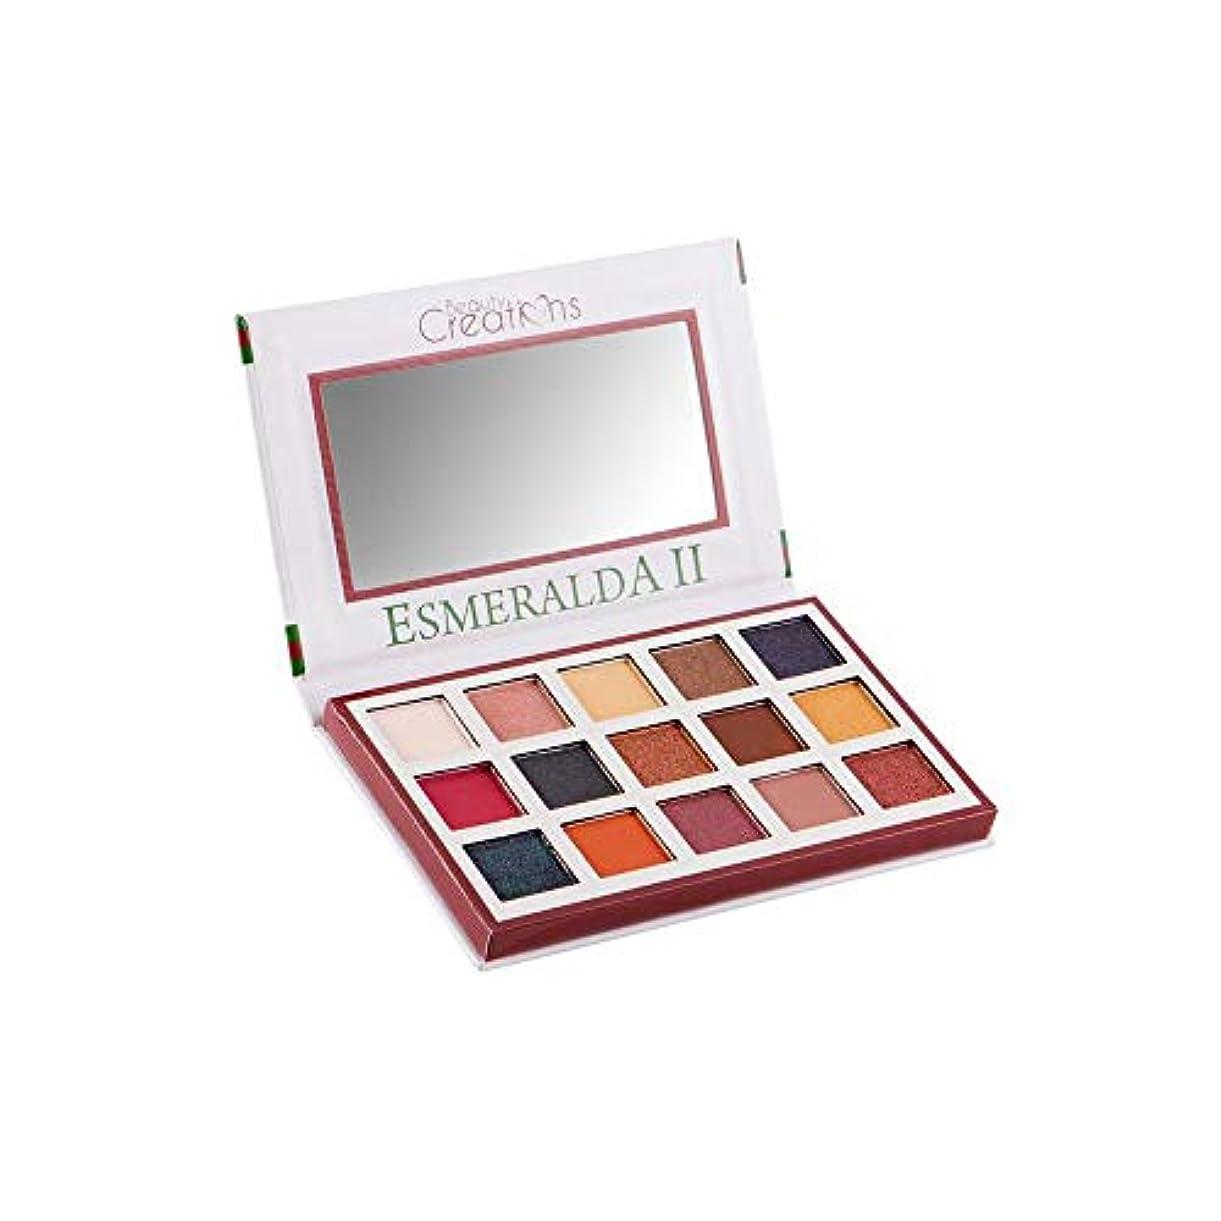 実証するジュラシックパークフレキシブルBEAUTY CREATIONS Esmeralda II 15 Color Eyeshadow Palette (並行輸入品)